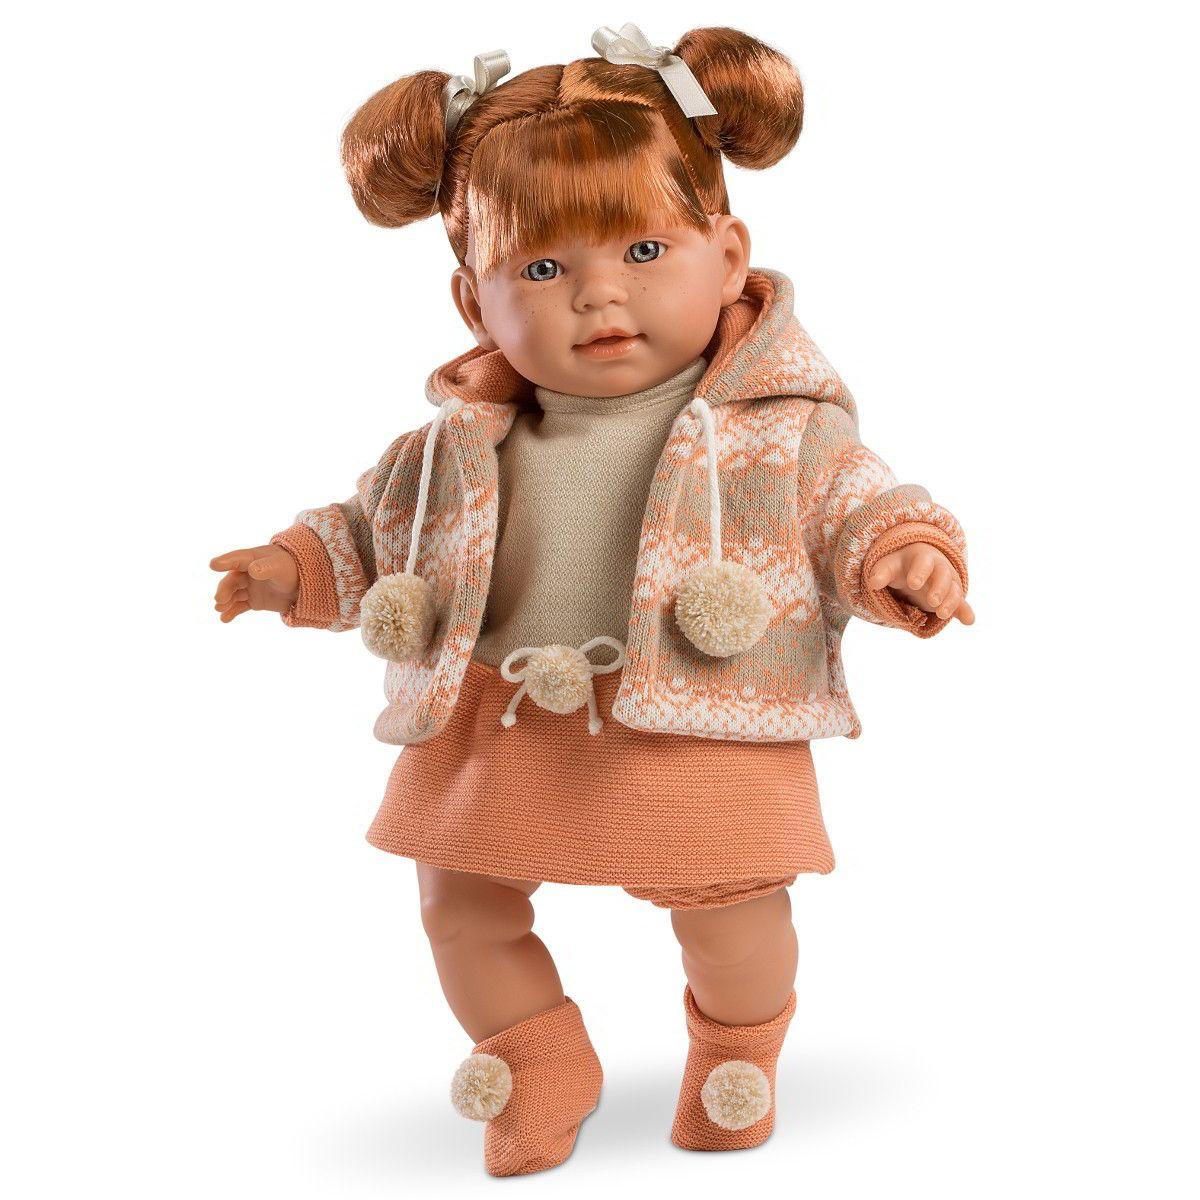 Купить Кукла Амелия, 42 см, Llorens Juan